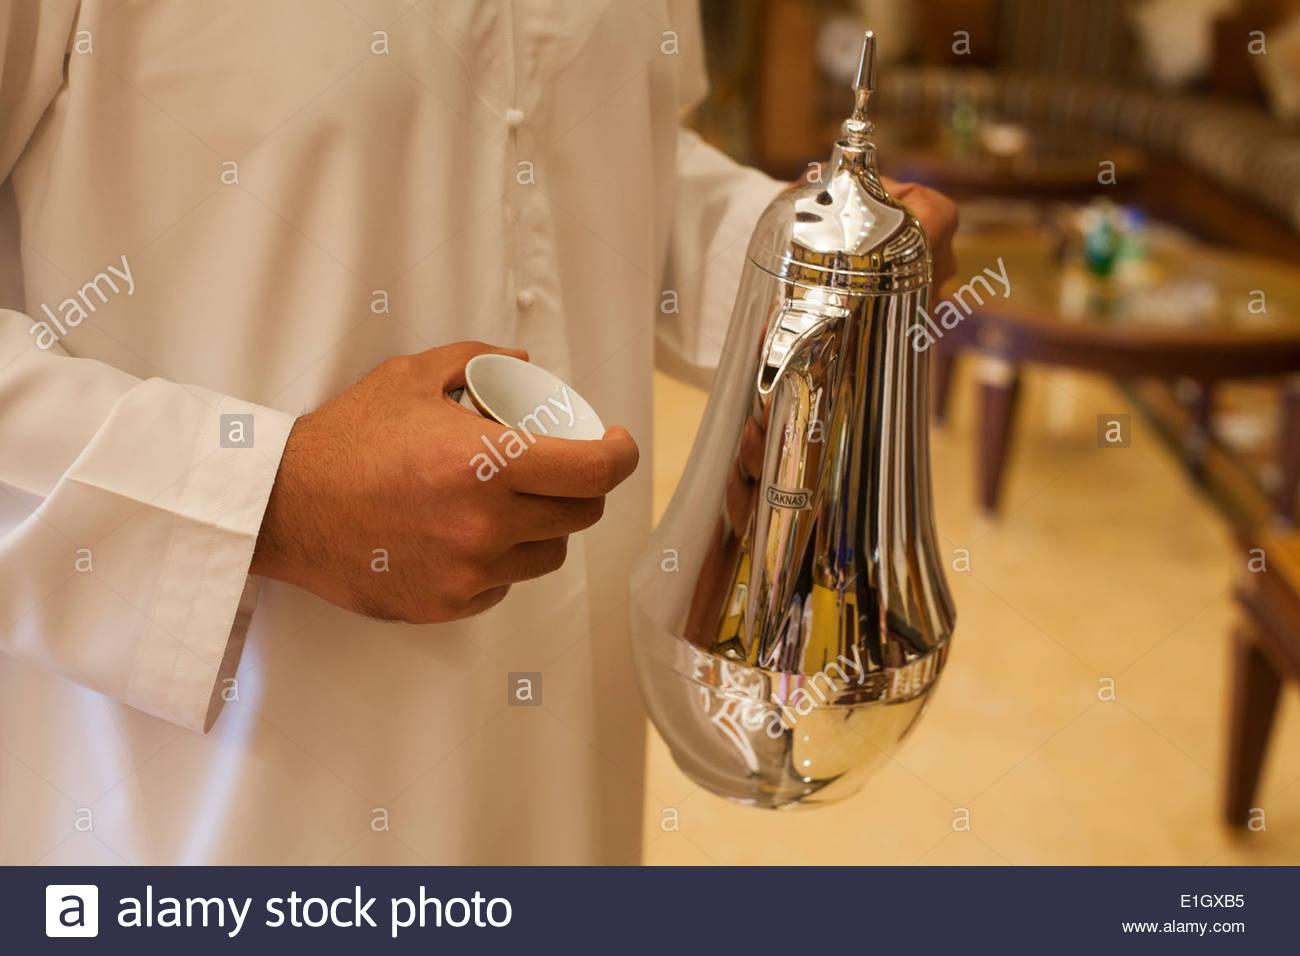 La tenue d'une cafetière d'argent arabe Photo Stock